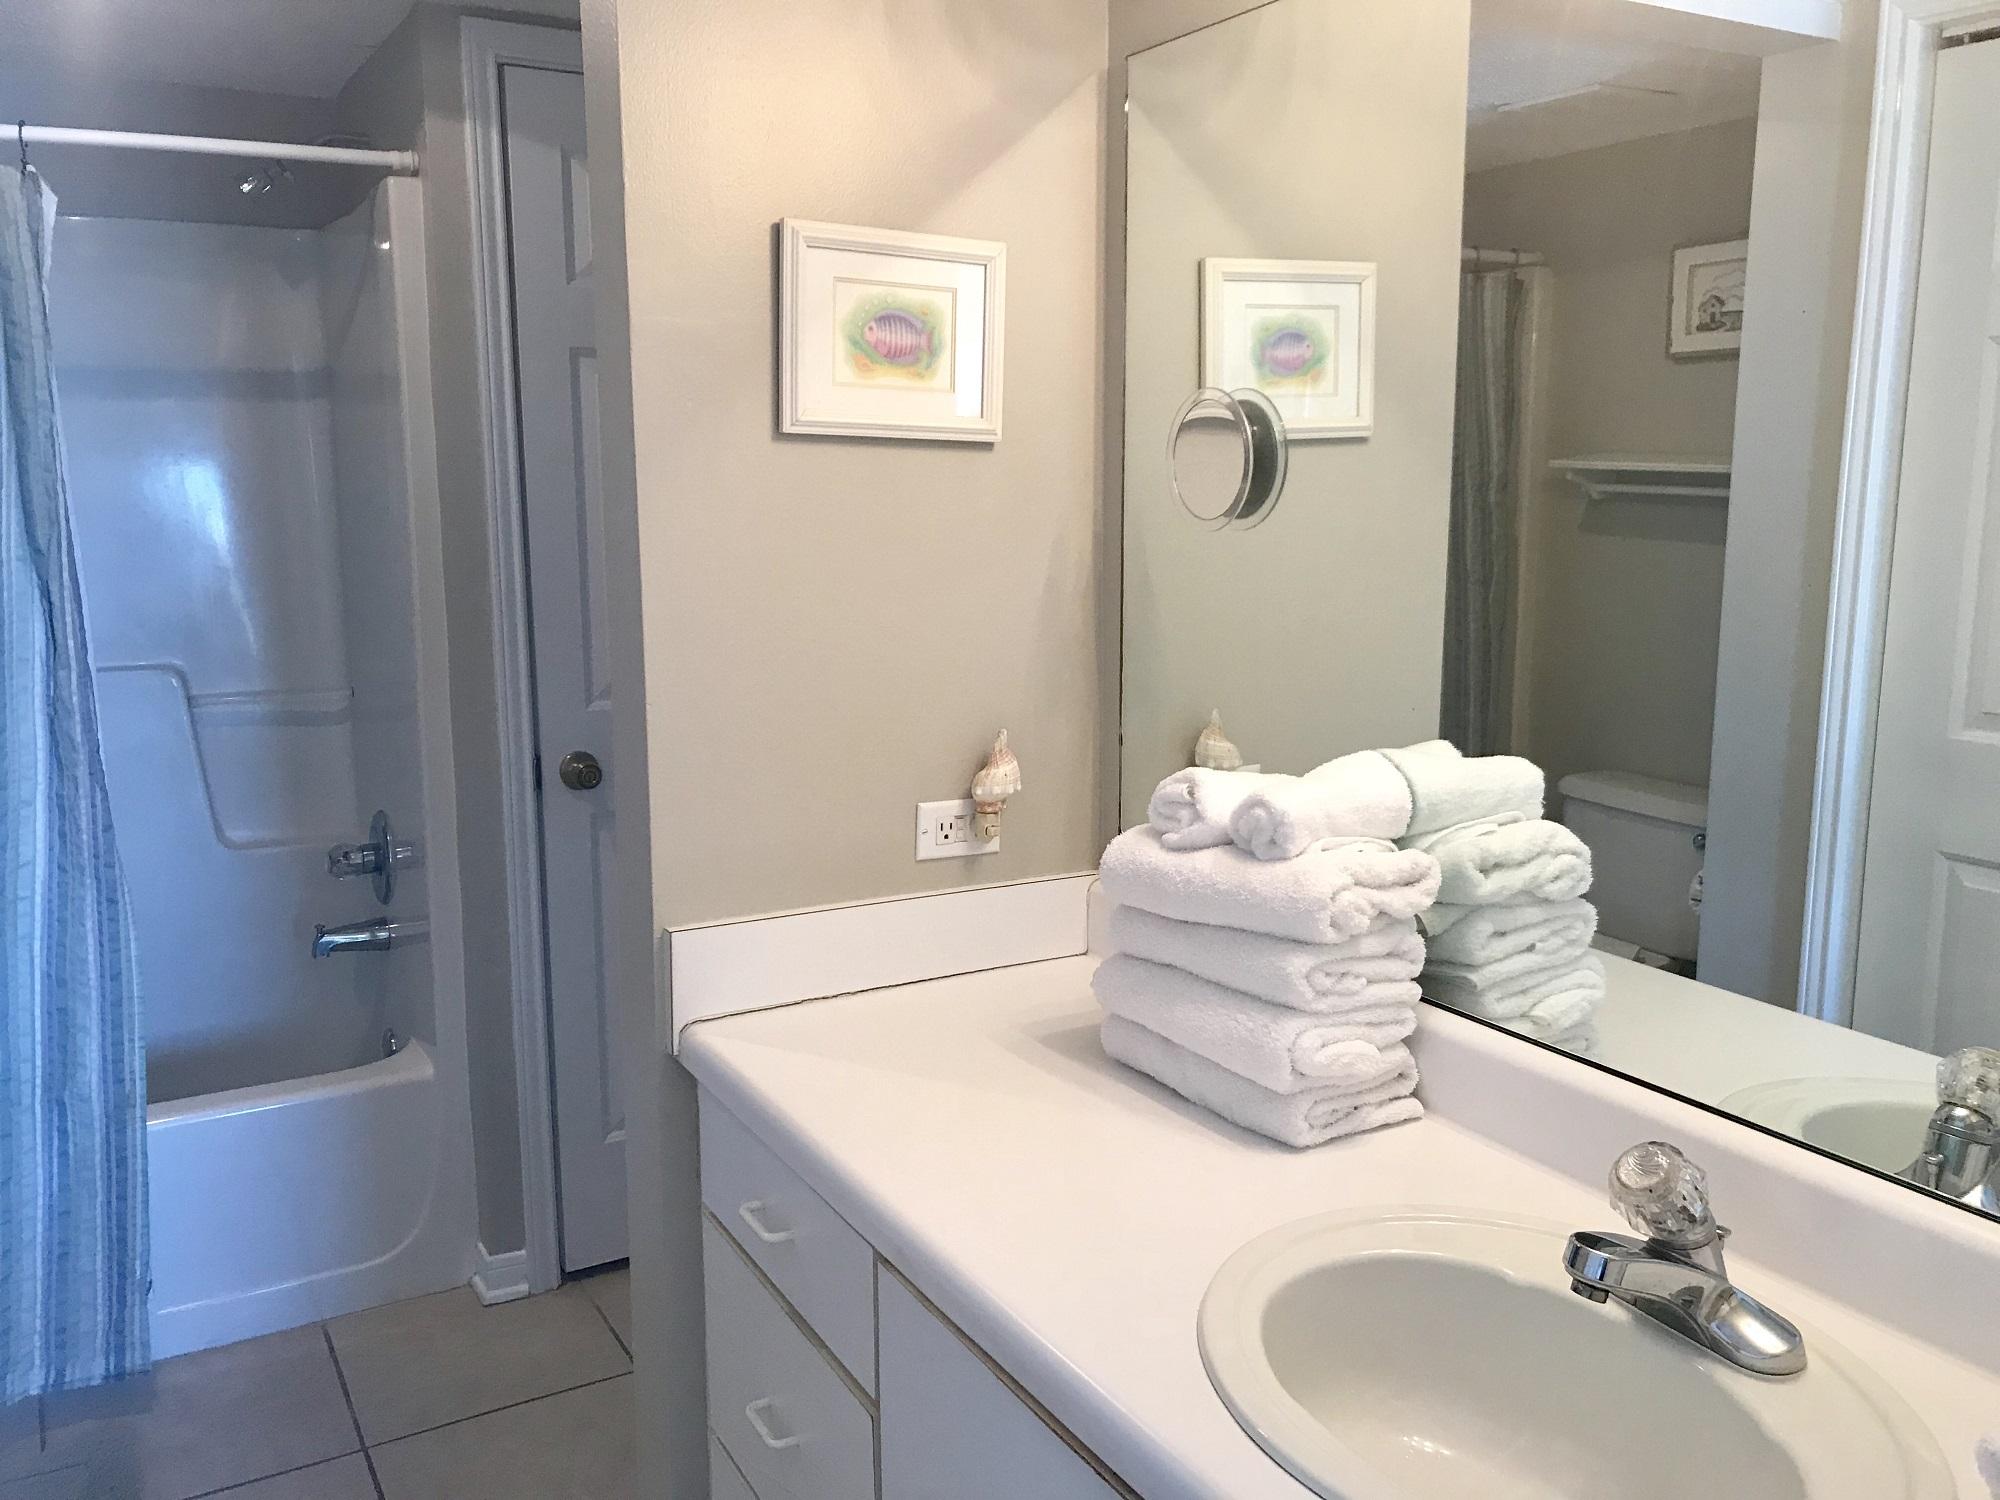 Ocean House 2302 Condo rental in Ocean House - Gulf Shores in Gulf Shores Alabama - #18